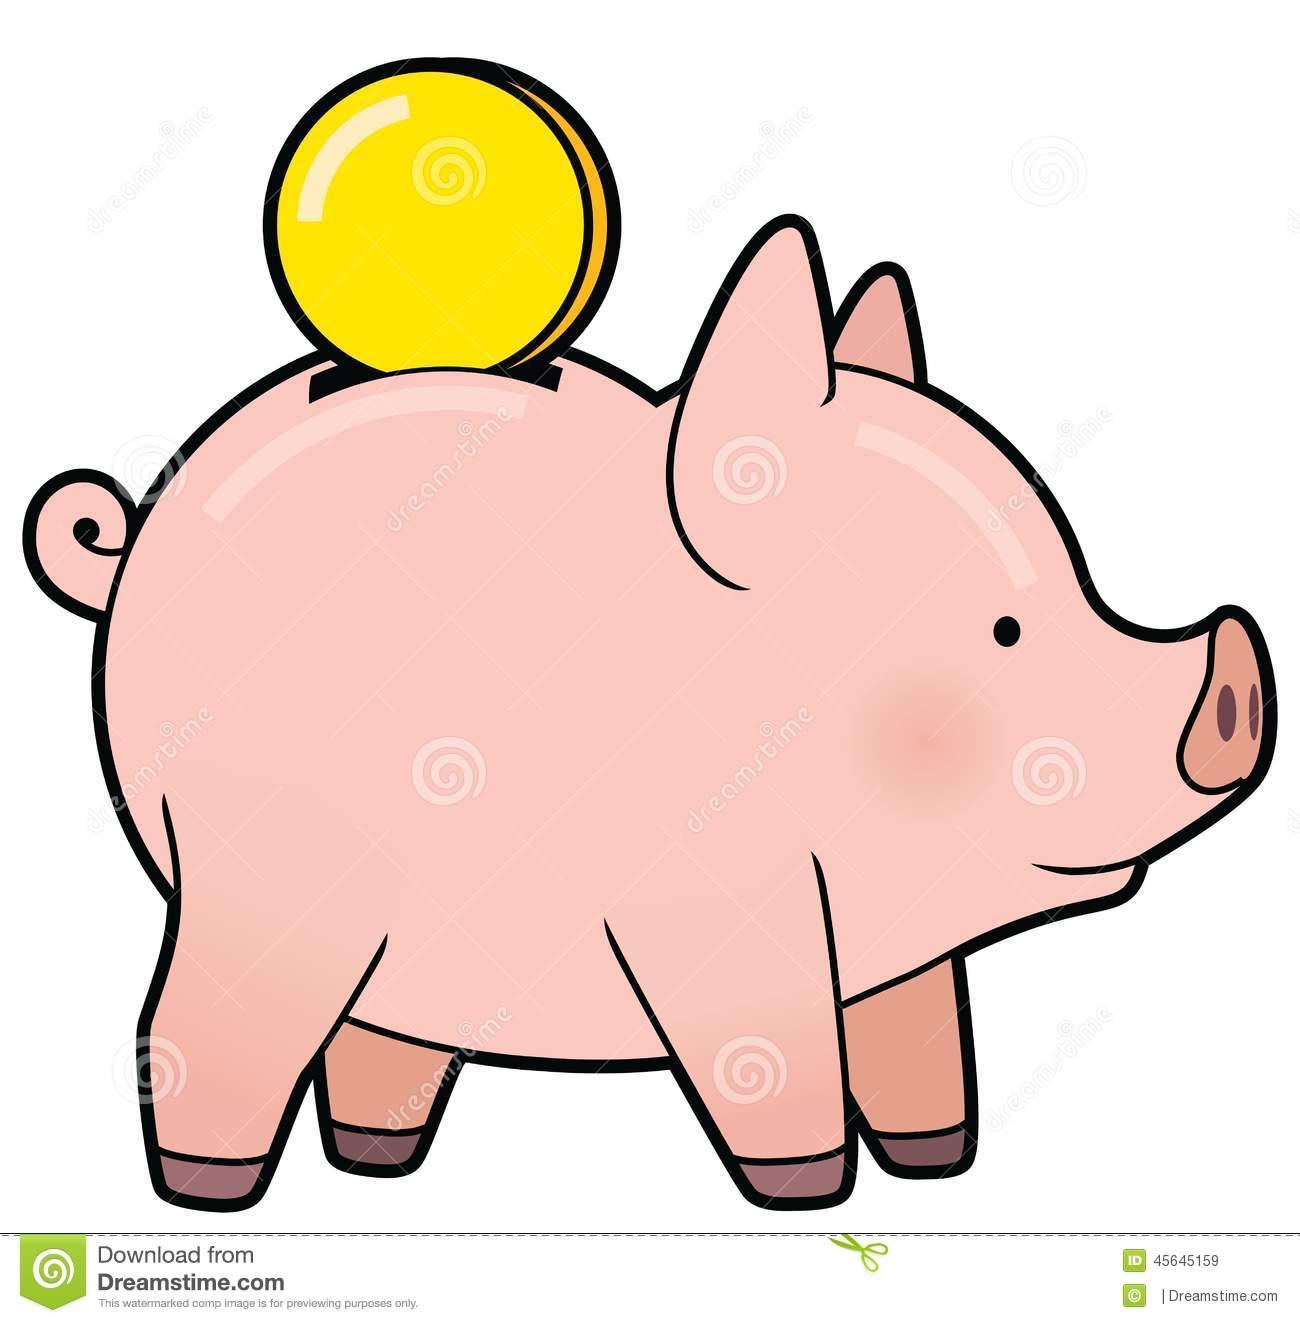 Cute Piggy Bank Clipart | Free Download Best Cute Piggy ...